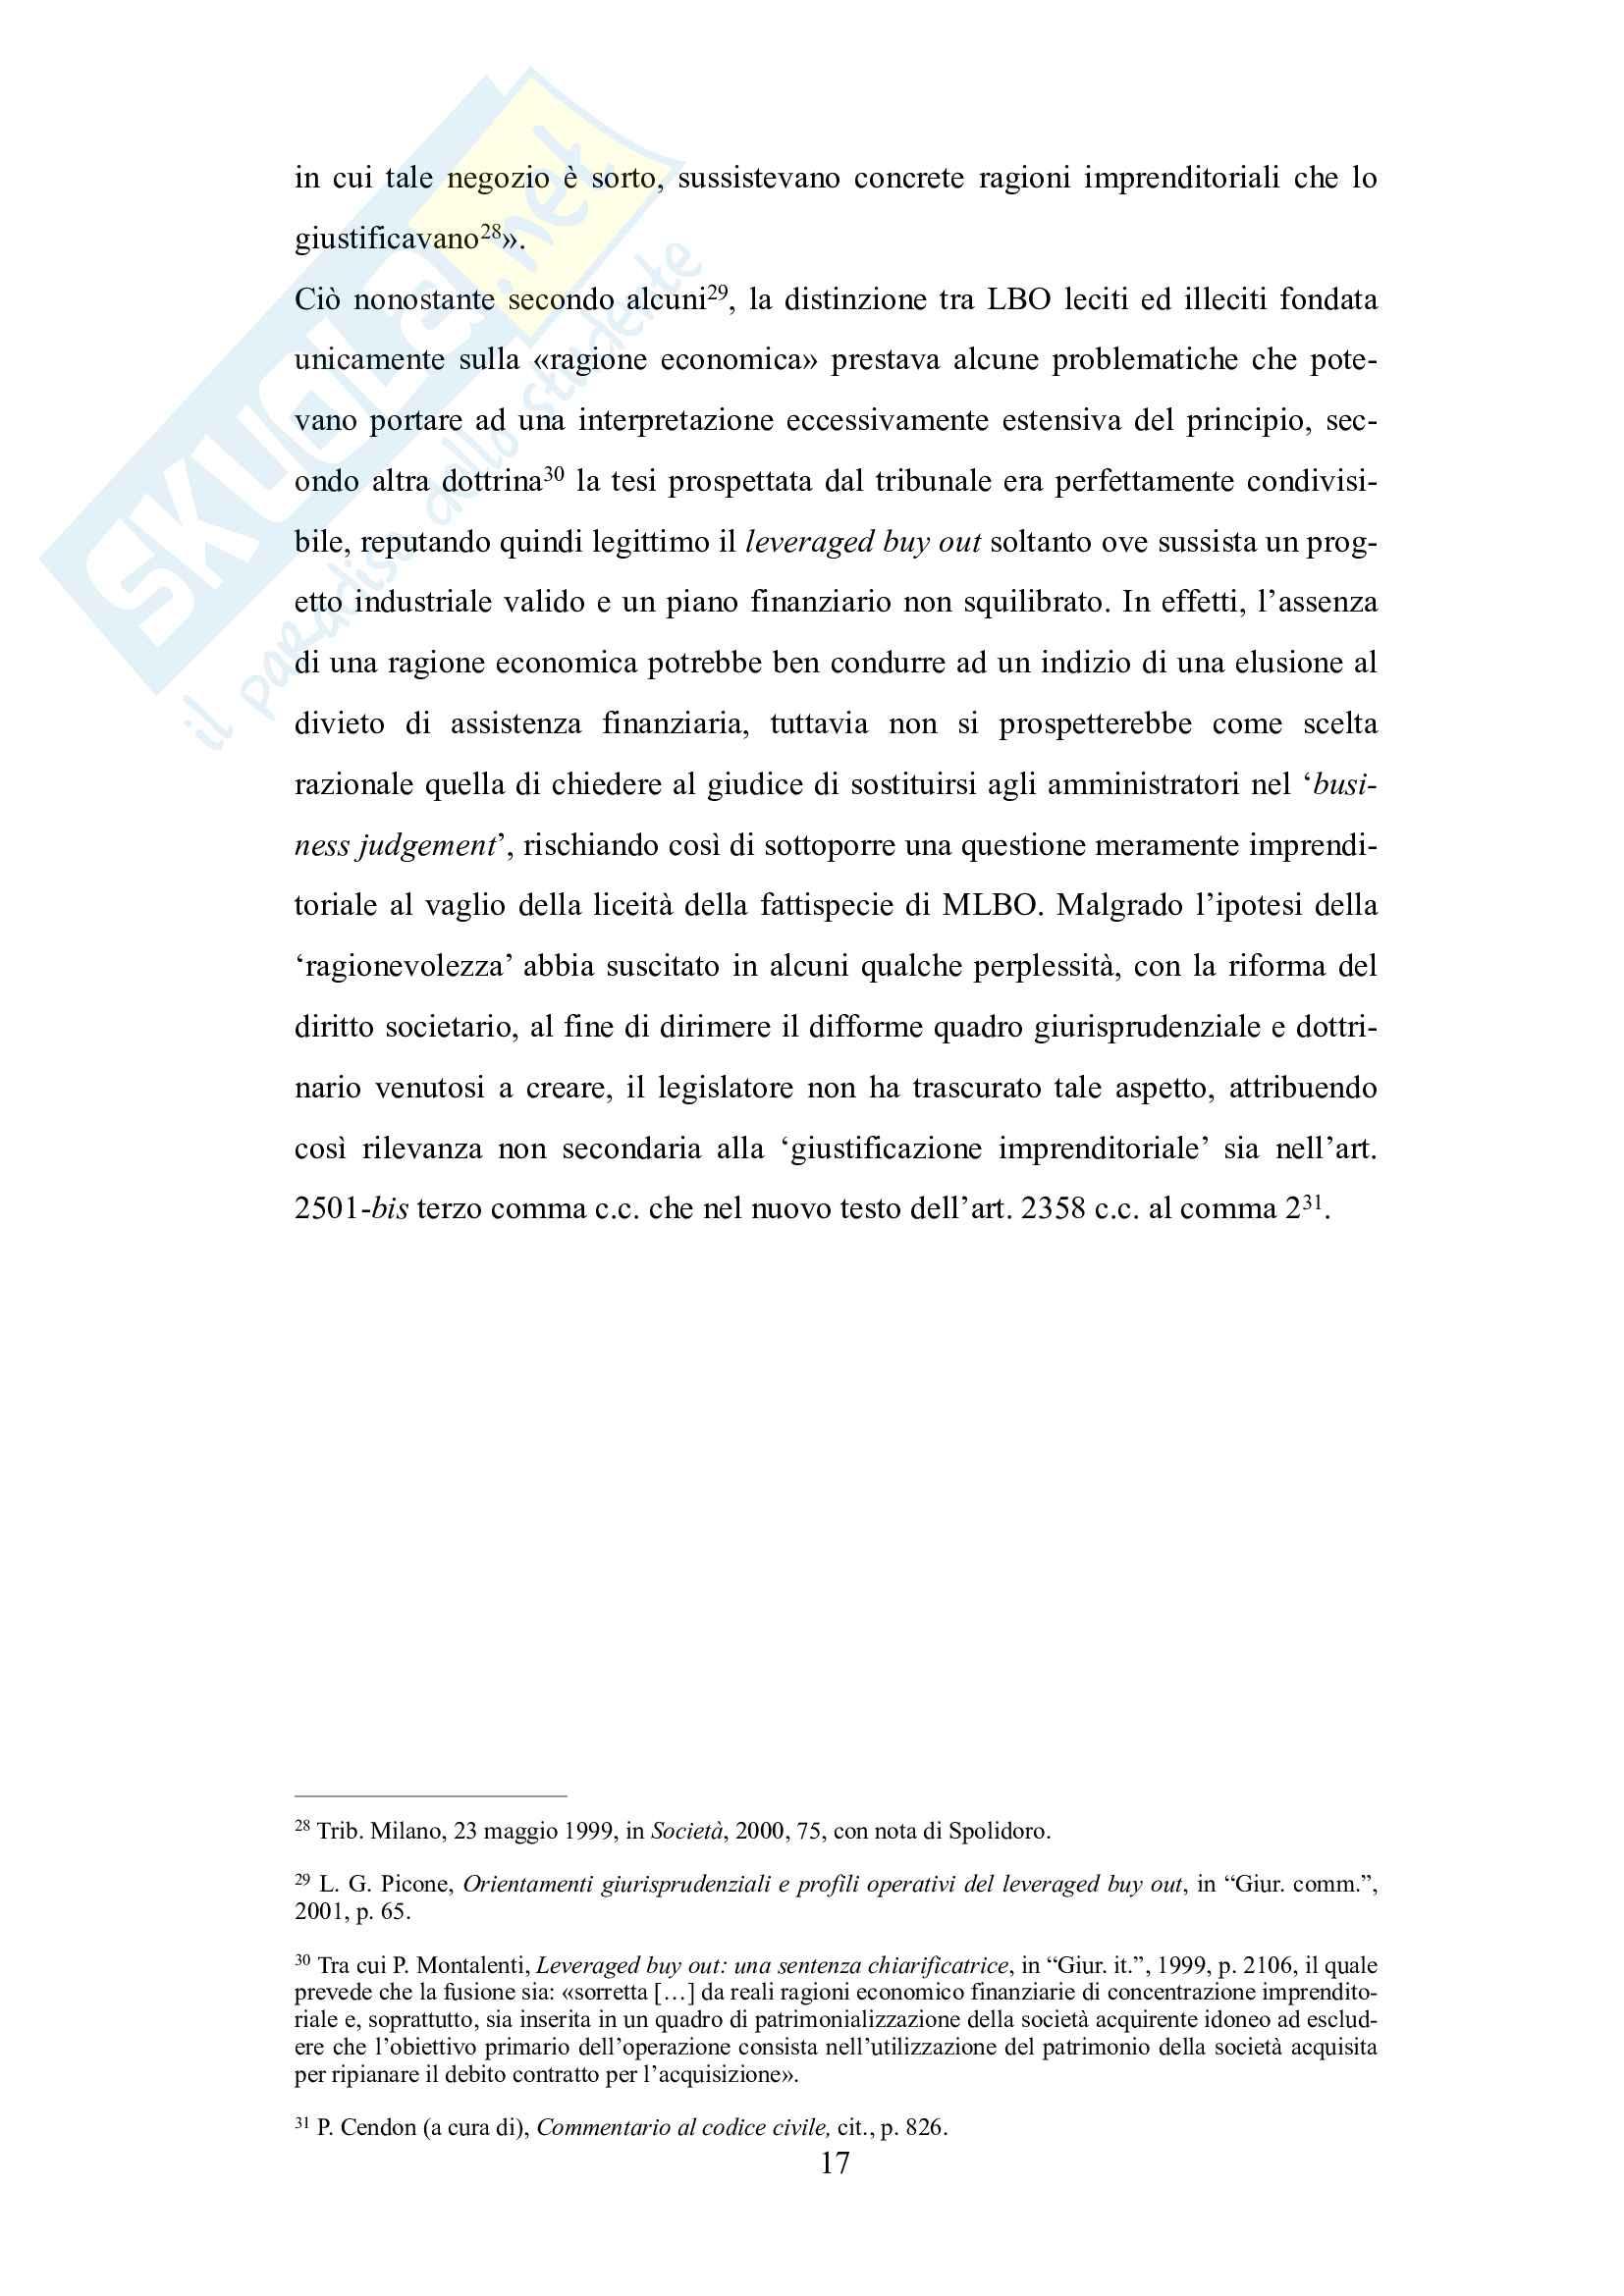 Tesi leveraged buy out e assitenza finanziaria: il rapporto tra l'art. 2501-bis c.c. e l'art. 2358 c.c. Pag. 16